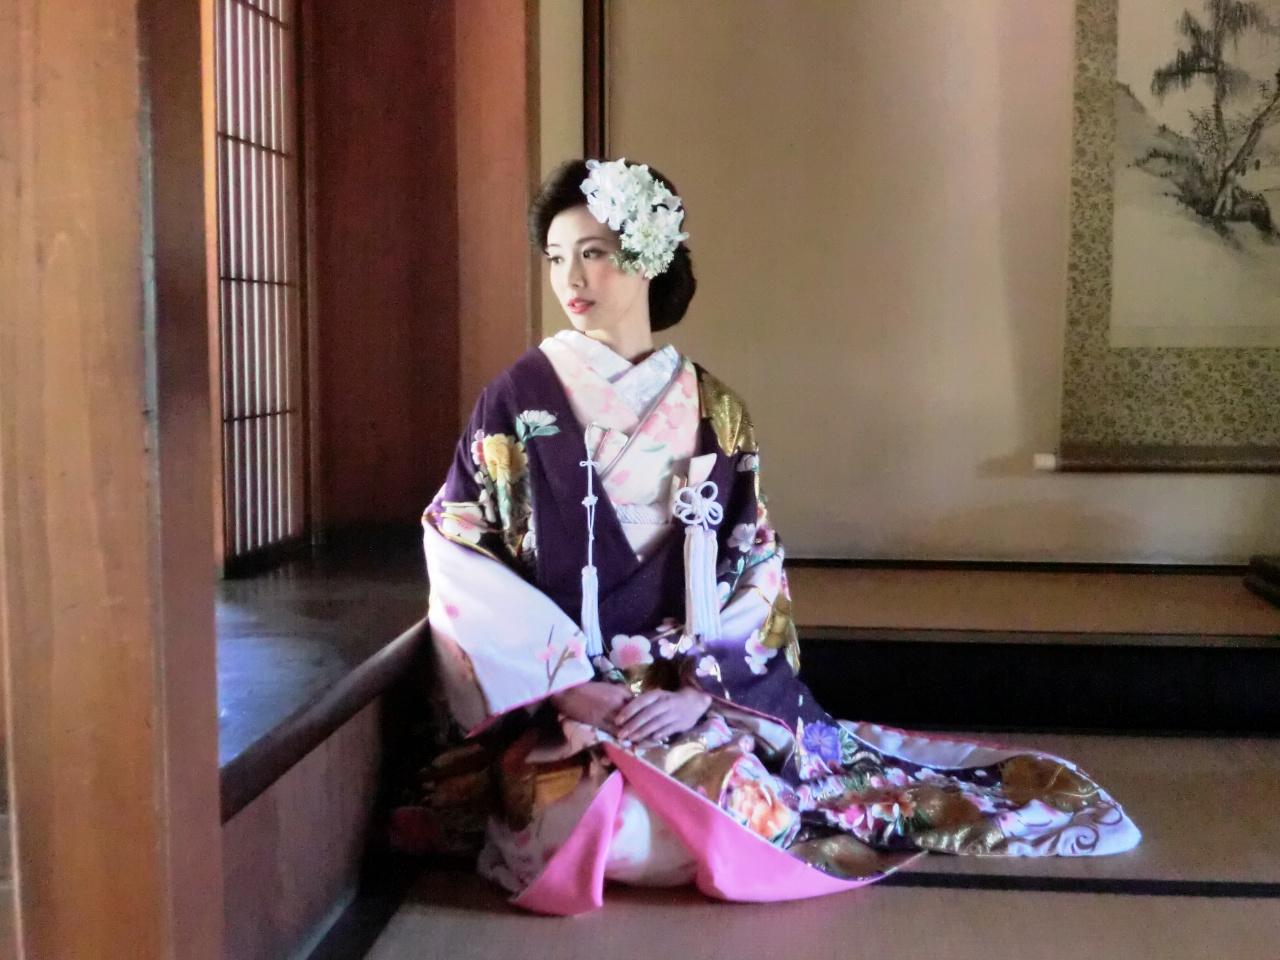 色打掛を着る意味を知ってますか?日本の伝統美を感じ素敵な花嫁に♪